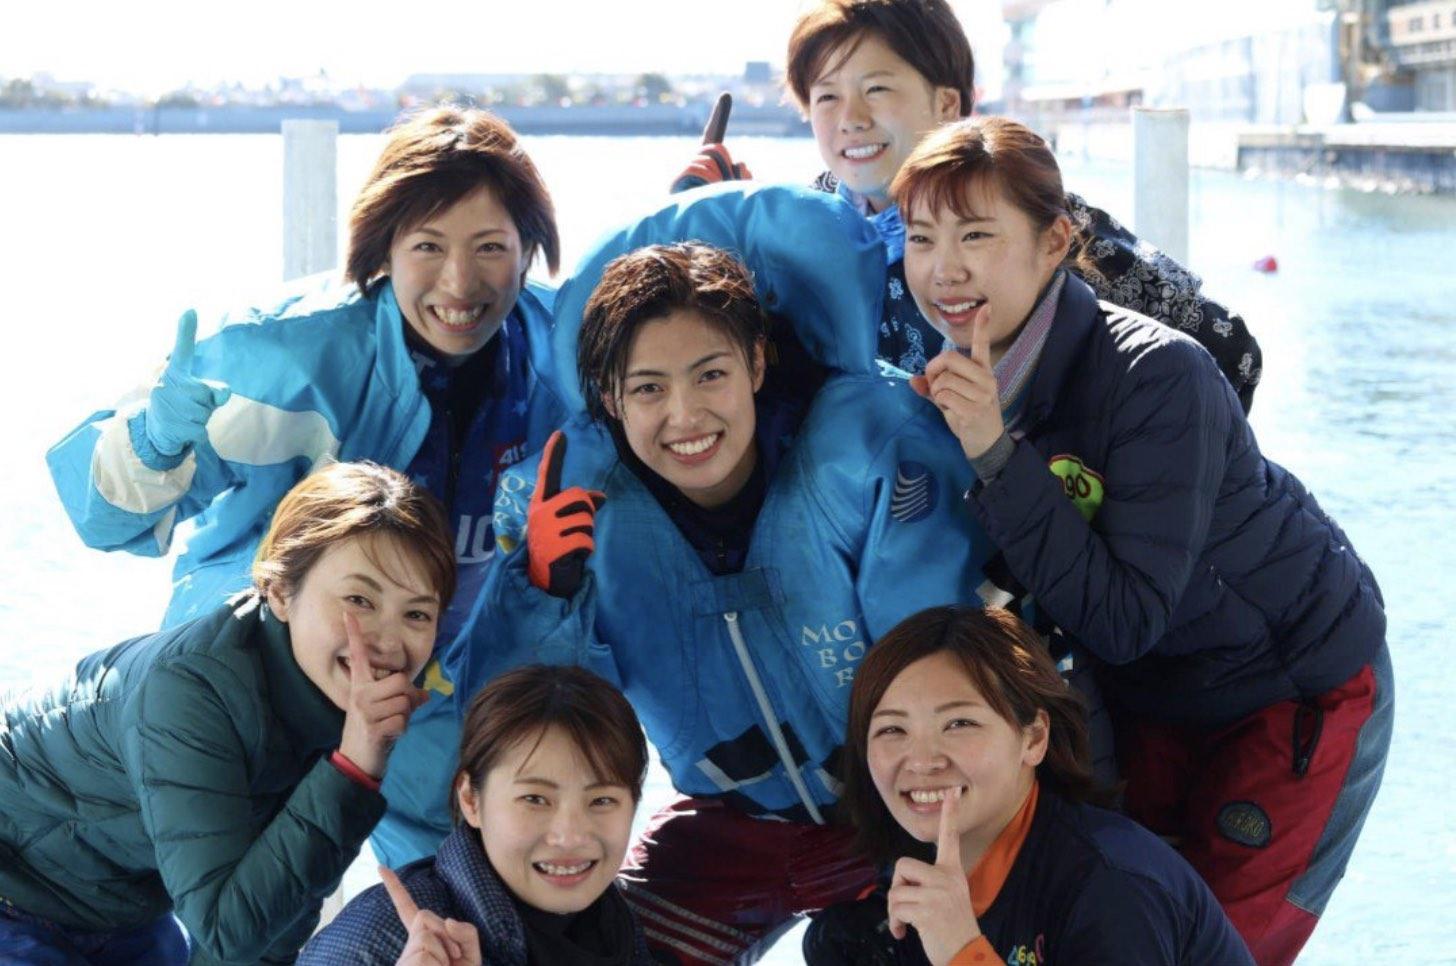 森下愛梨 競艇選手が仲間に囲まれて水神祭記念